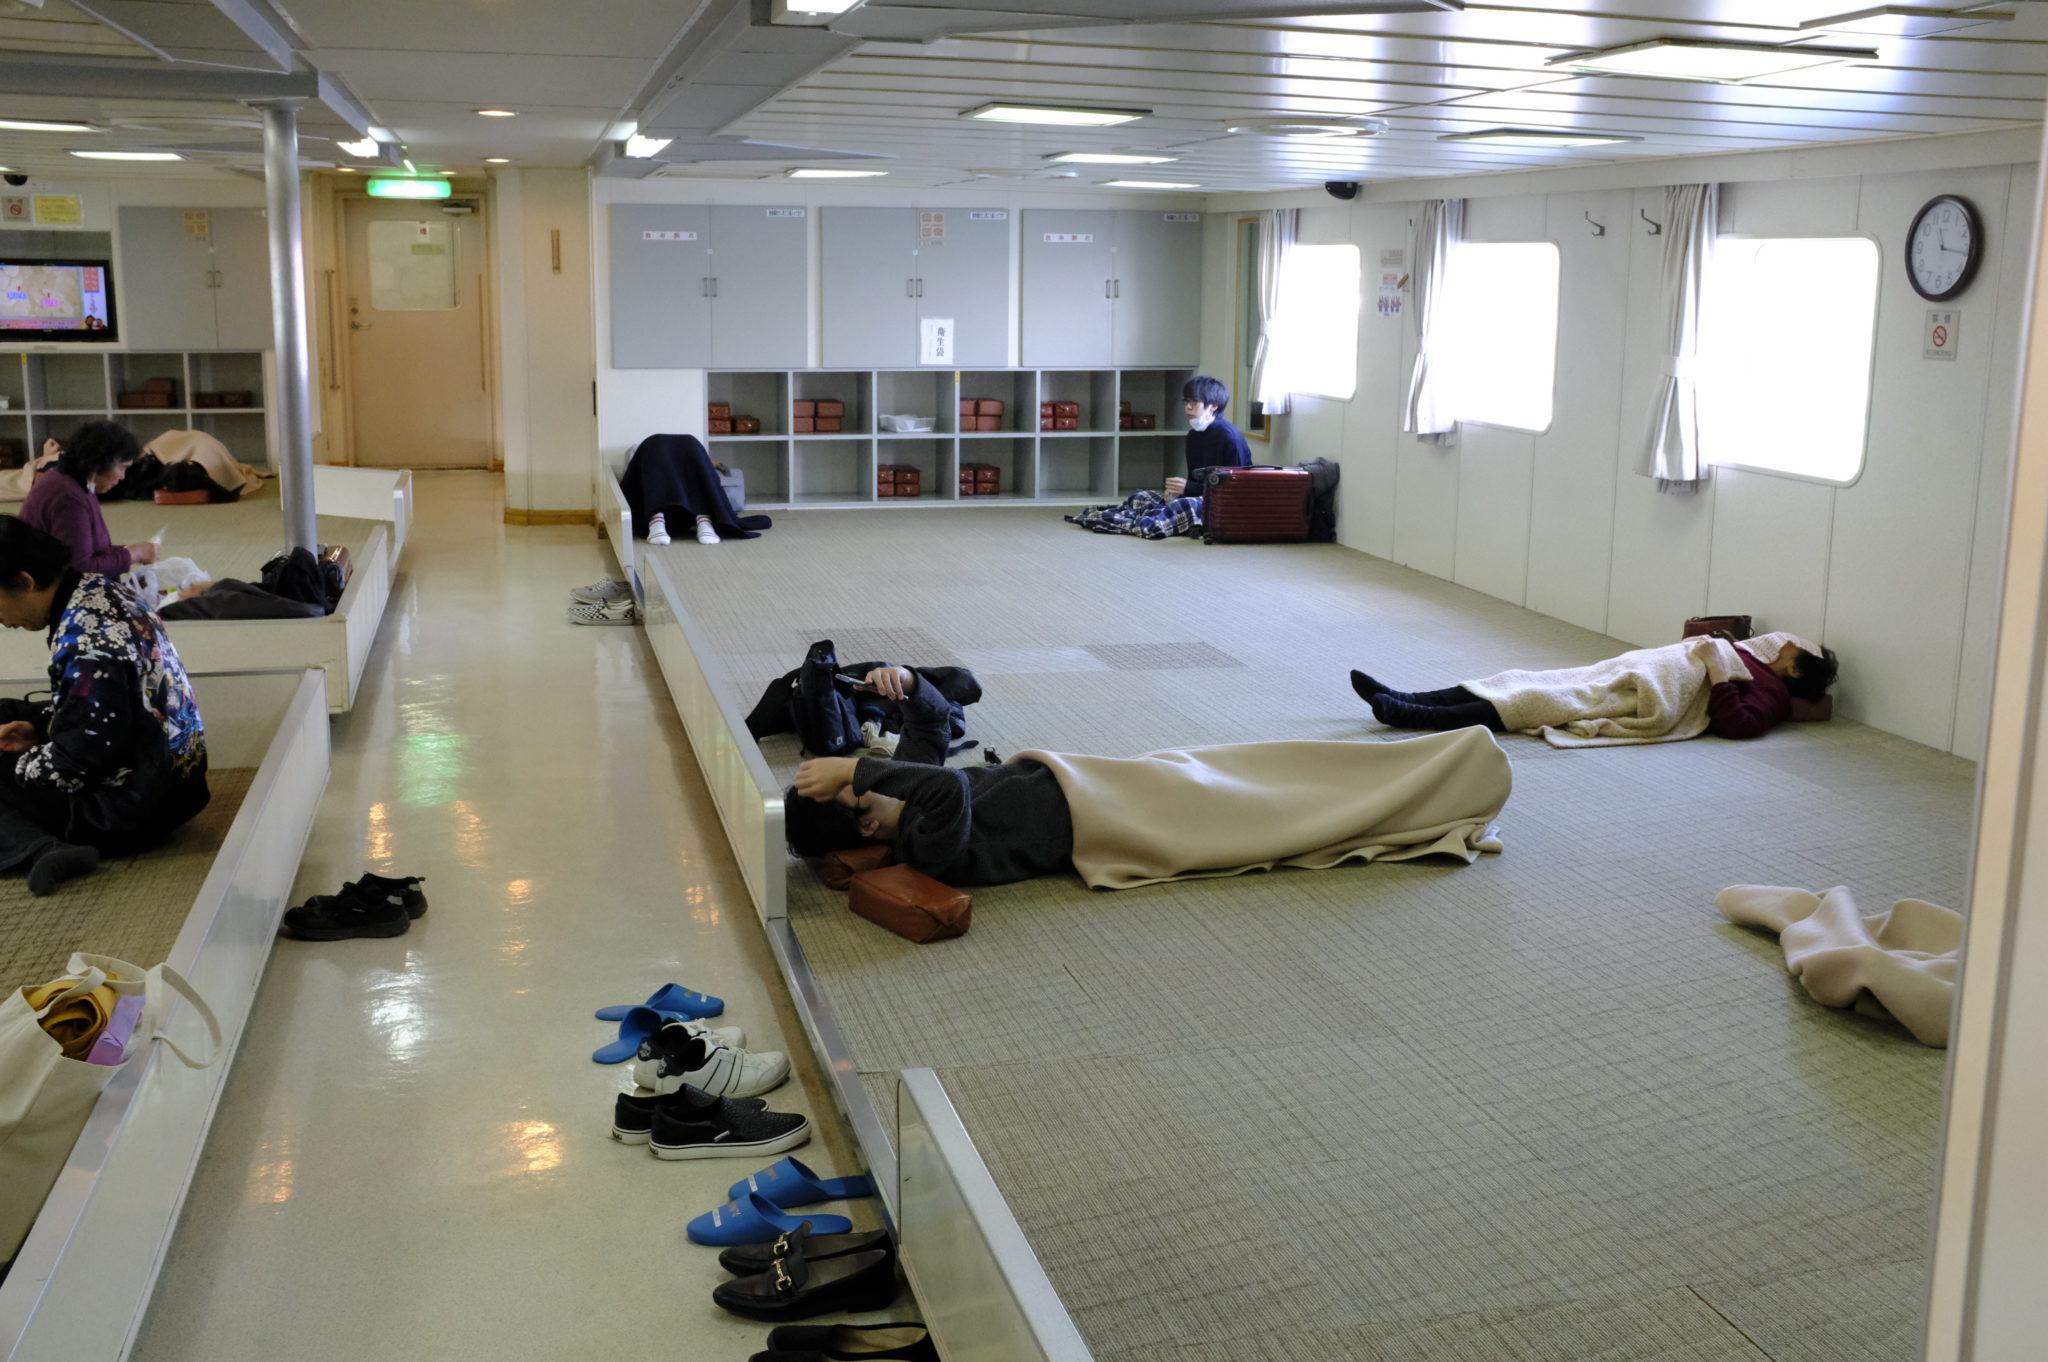 Immer wieder entspannend: die japanischen Fähren